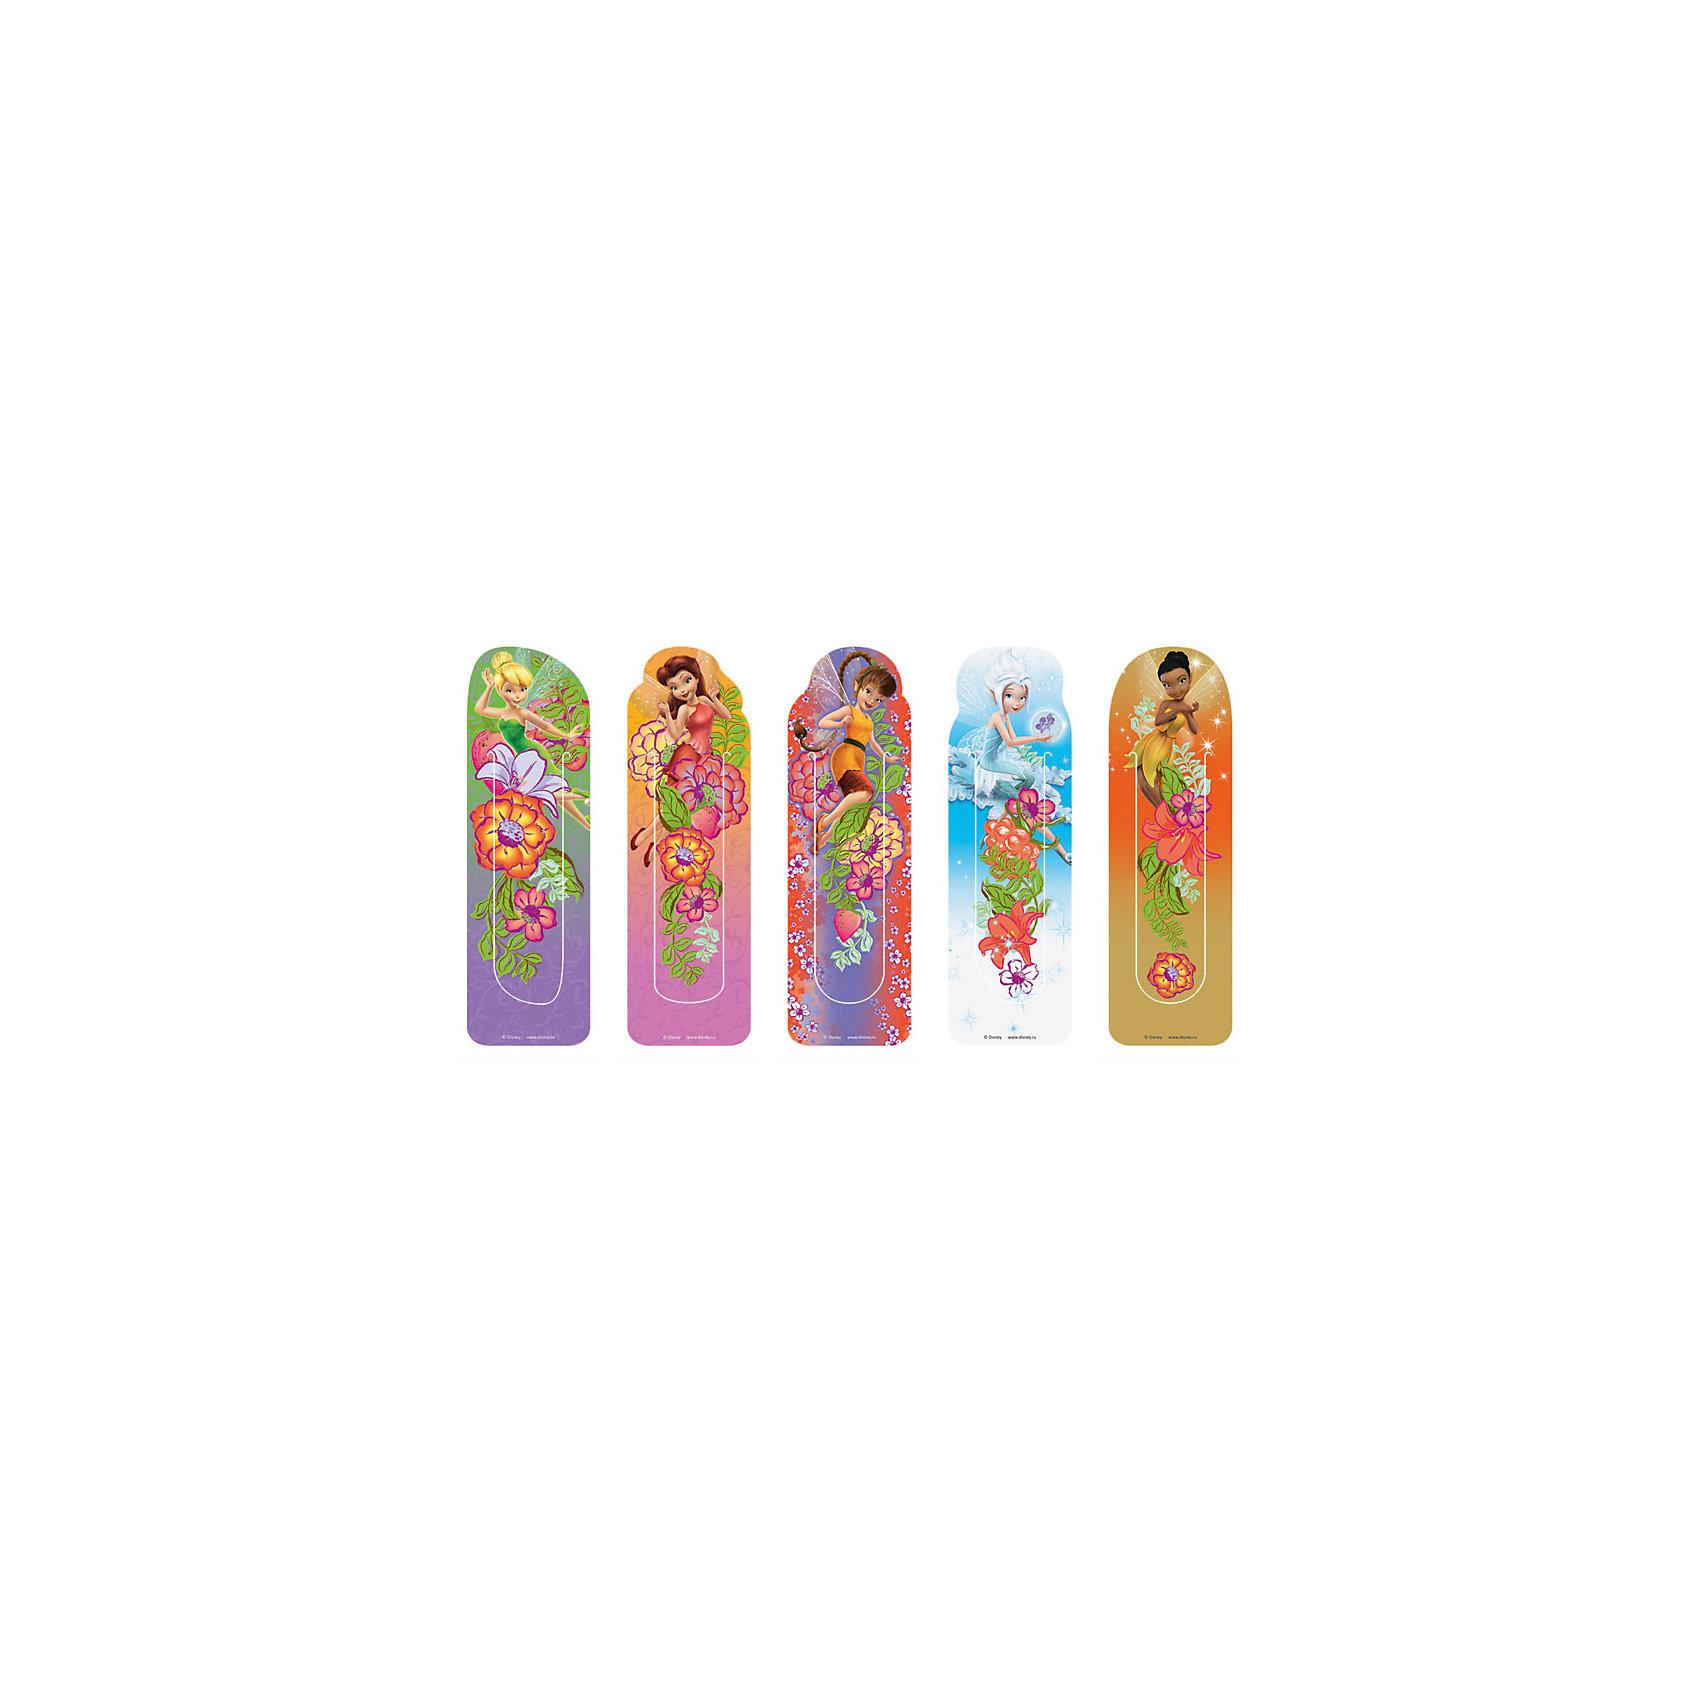 Набор пластиковых закладок Феи, DisneyФотоальбомы, закладки и ростомеры<br>Характеристики набора пластиковых закладок Феи, Disney: <br><br>• тип: закладки магнитно-пластиковые.<br>• упаковка: блистер<br>• размер упаковки: 18 см ? 6 см ? 0,2 см<br>• вес:18 г<br>• страна обладатель бренда: США<br>• страна изготовления: Россия<br><br>Набор фигурных закладок лицензионного дизайна Disney Феи по мотивам популярного мультфильма. В блистере 5 штук. Материал - полипропилен. Изготовлены в Санкт-Петербурге.<br><br>Набор фигурных закладок лицензионного дизайна Disney Феи можно купить в нашем интернет-магазине.<br><br>Ширина мм: 260<br>Глубина мм: 30<br>Высота мм: 75<br>Вес г: 19<br>Возраст от месяцев: 48<br>Возраст до месяцев: 144<br>Пол: Женский<br>Возраст: Детский<br>SKU: 5475495